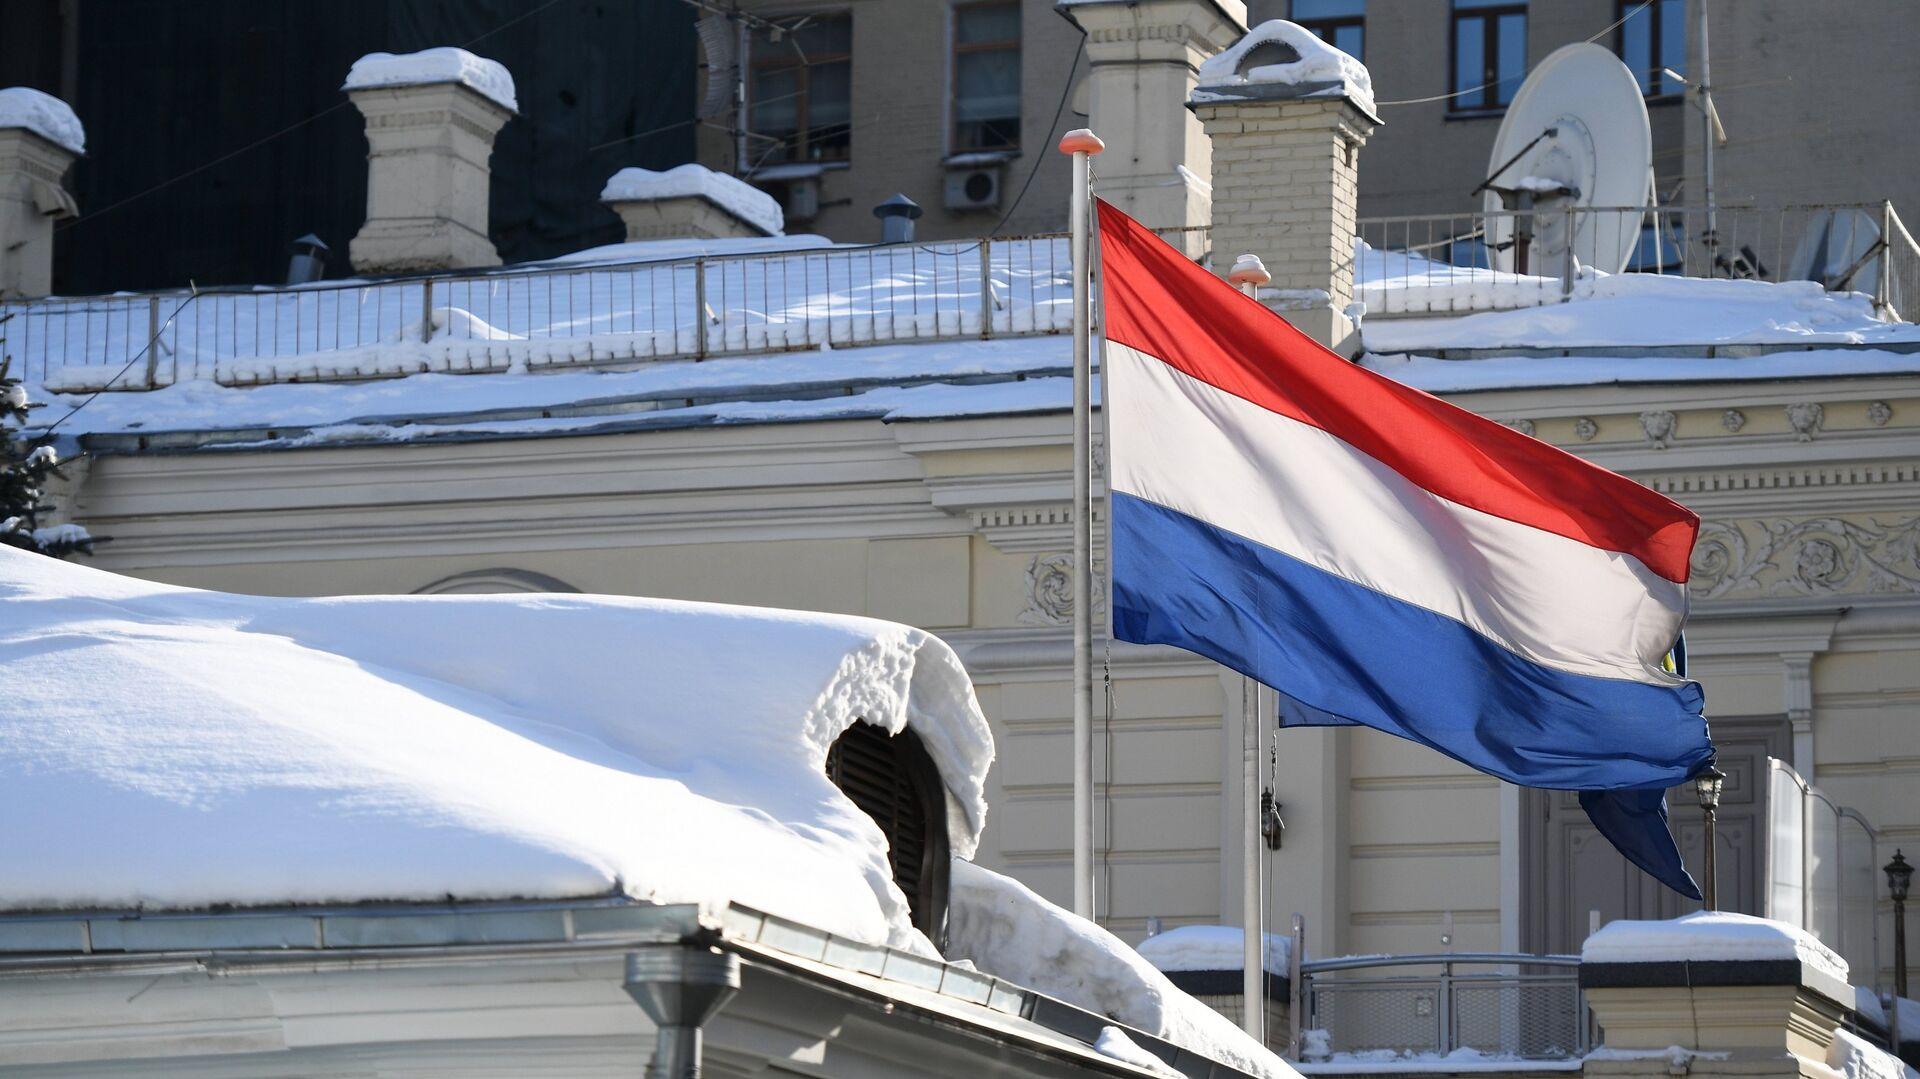 Здание посольства Нидерландов в Москве - РИА Новости, 1920, 10.12.2020